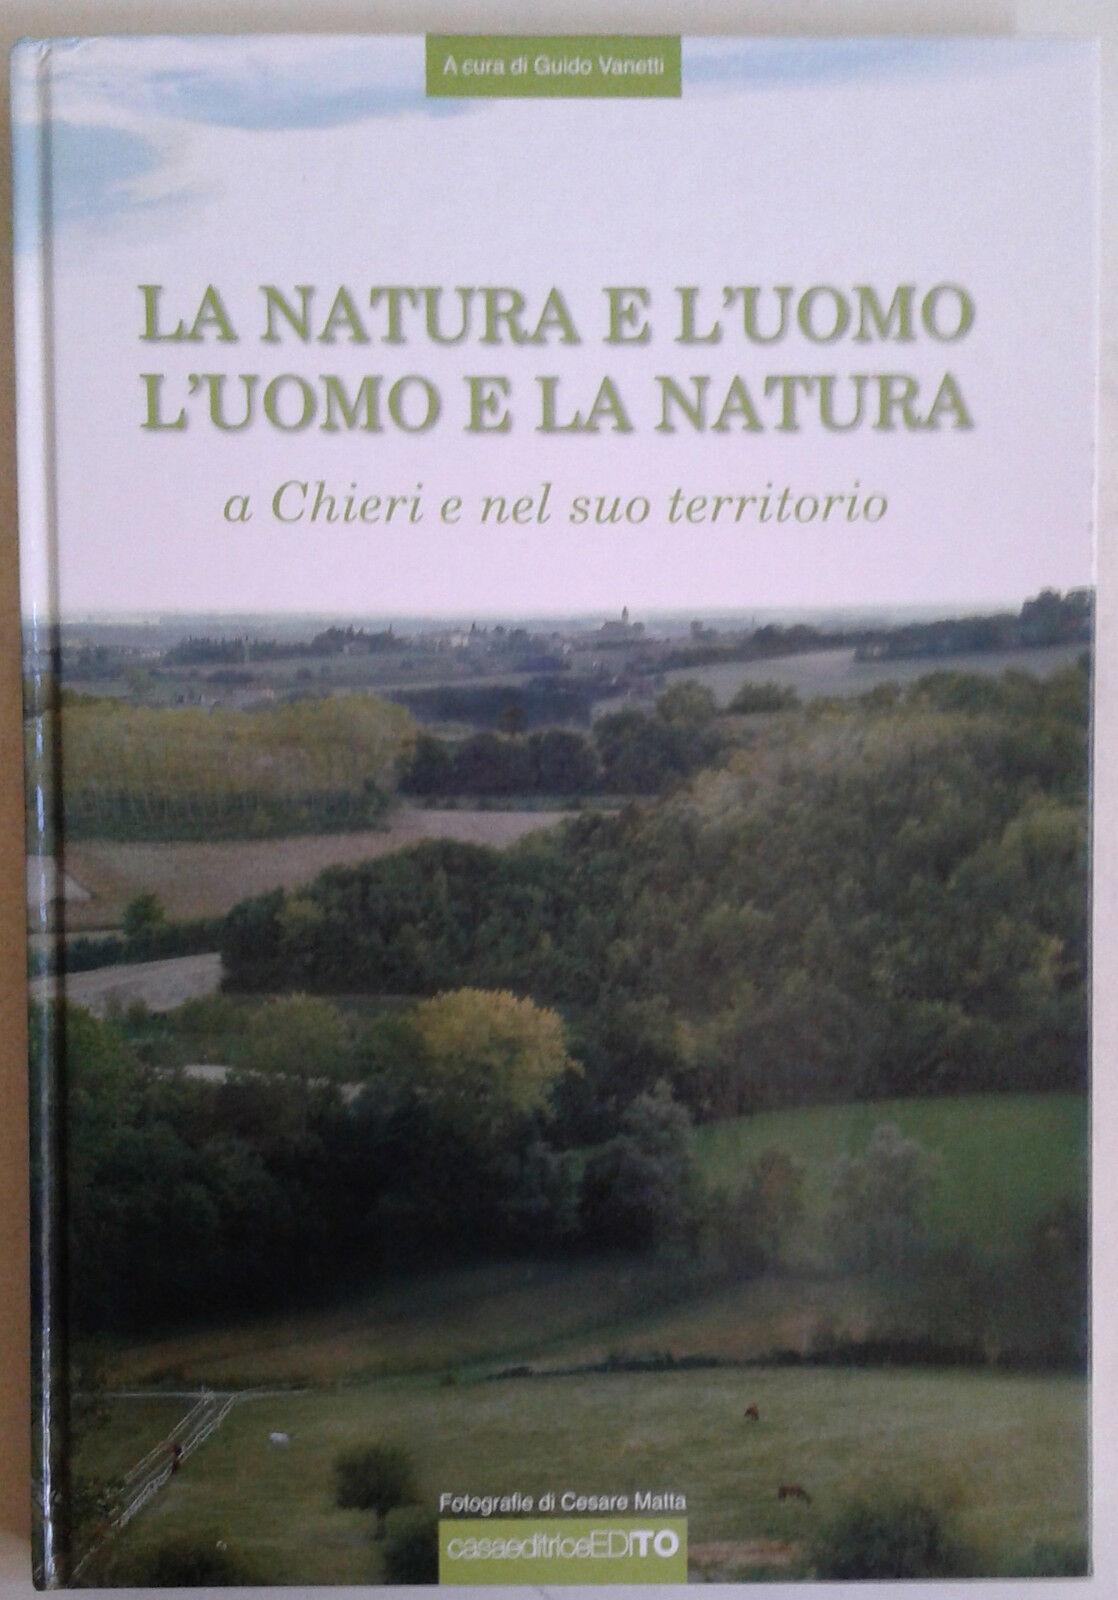 La natura e l'uomo, l'uomo e la natura